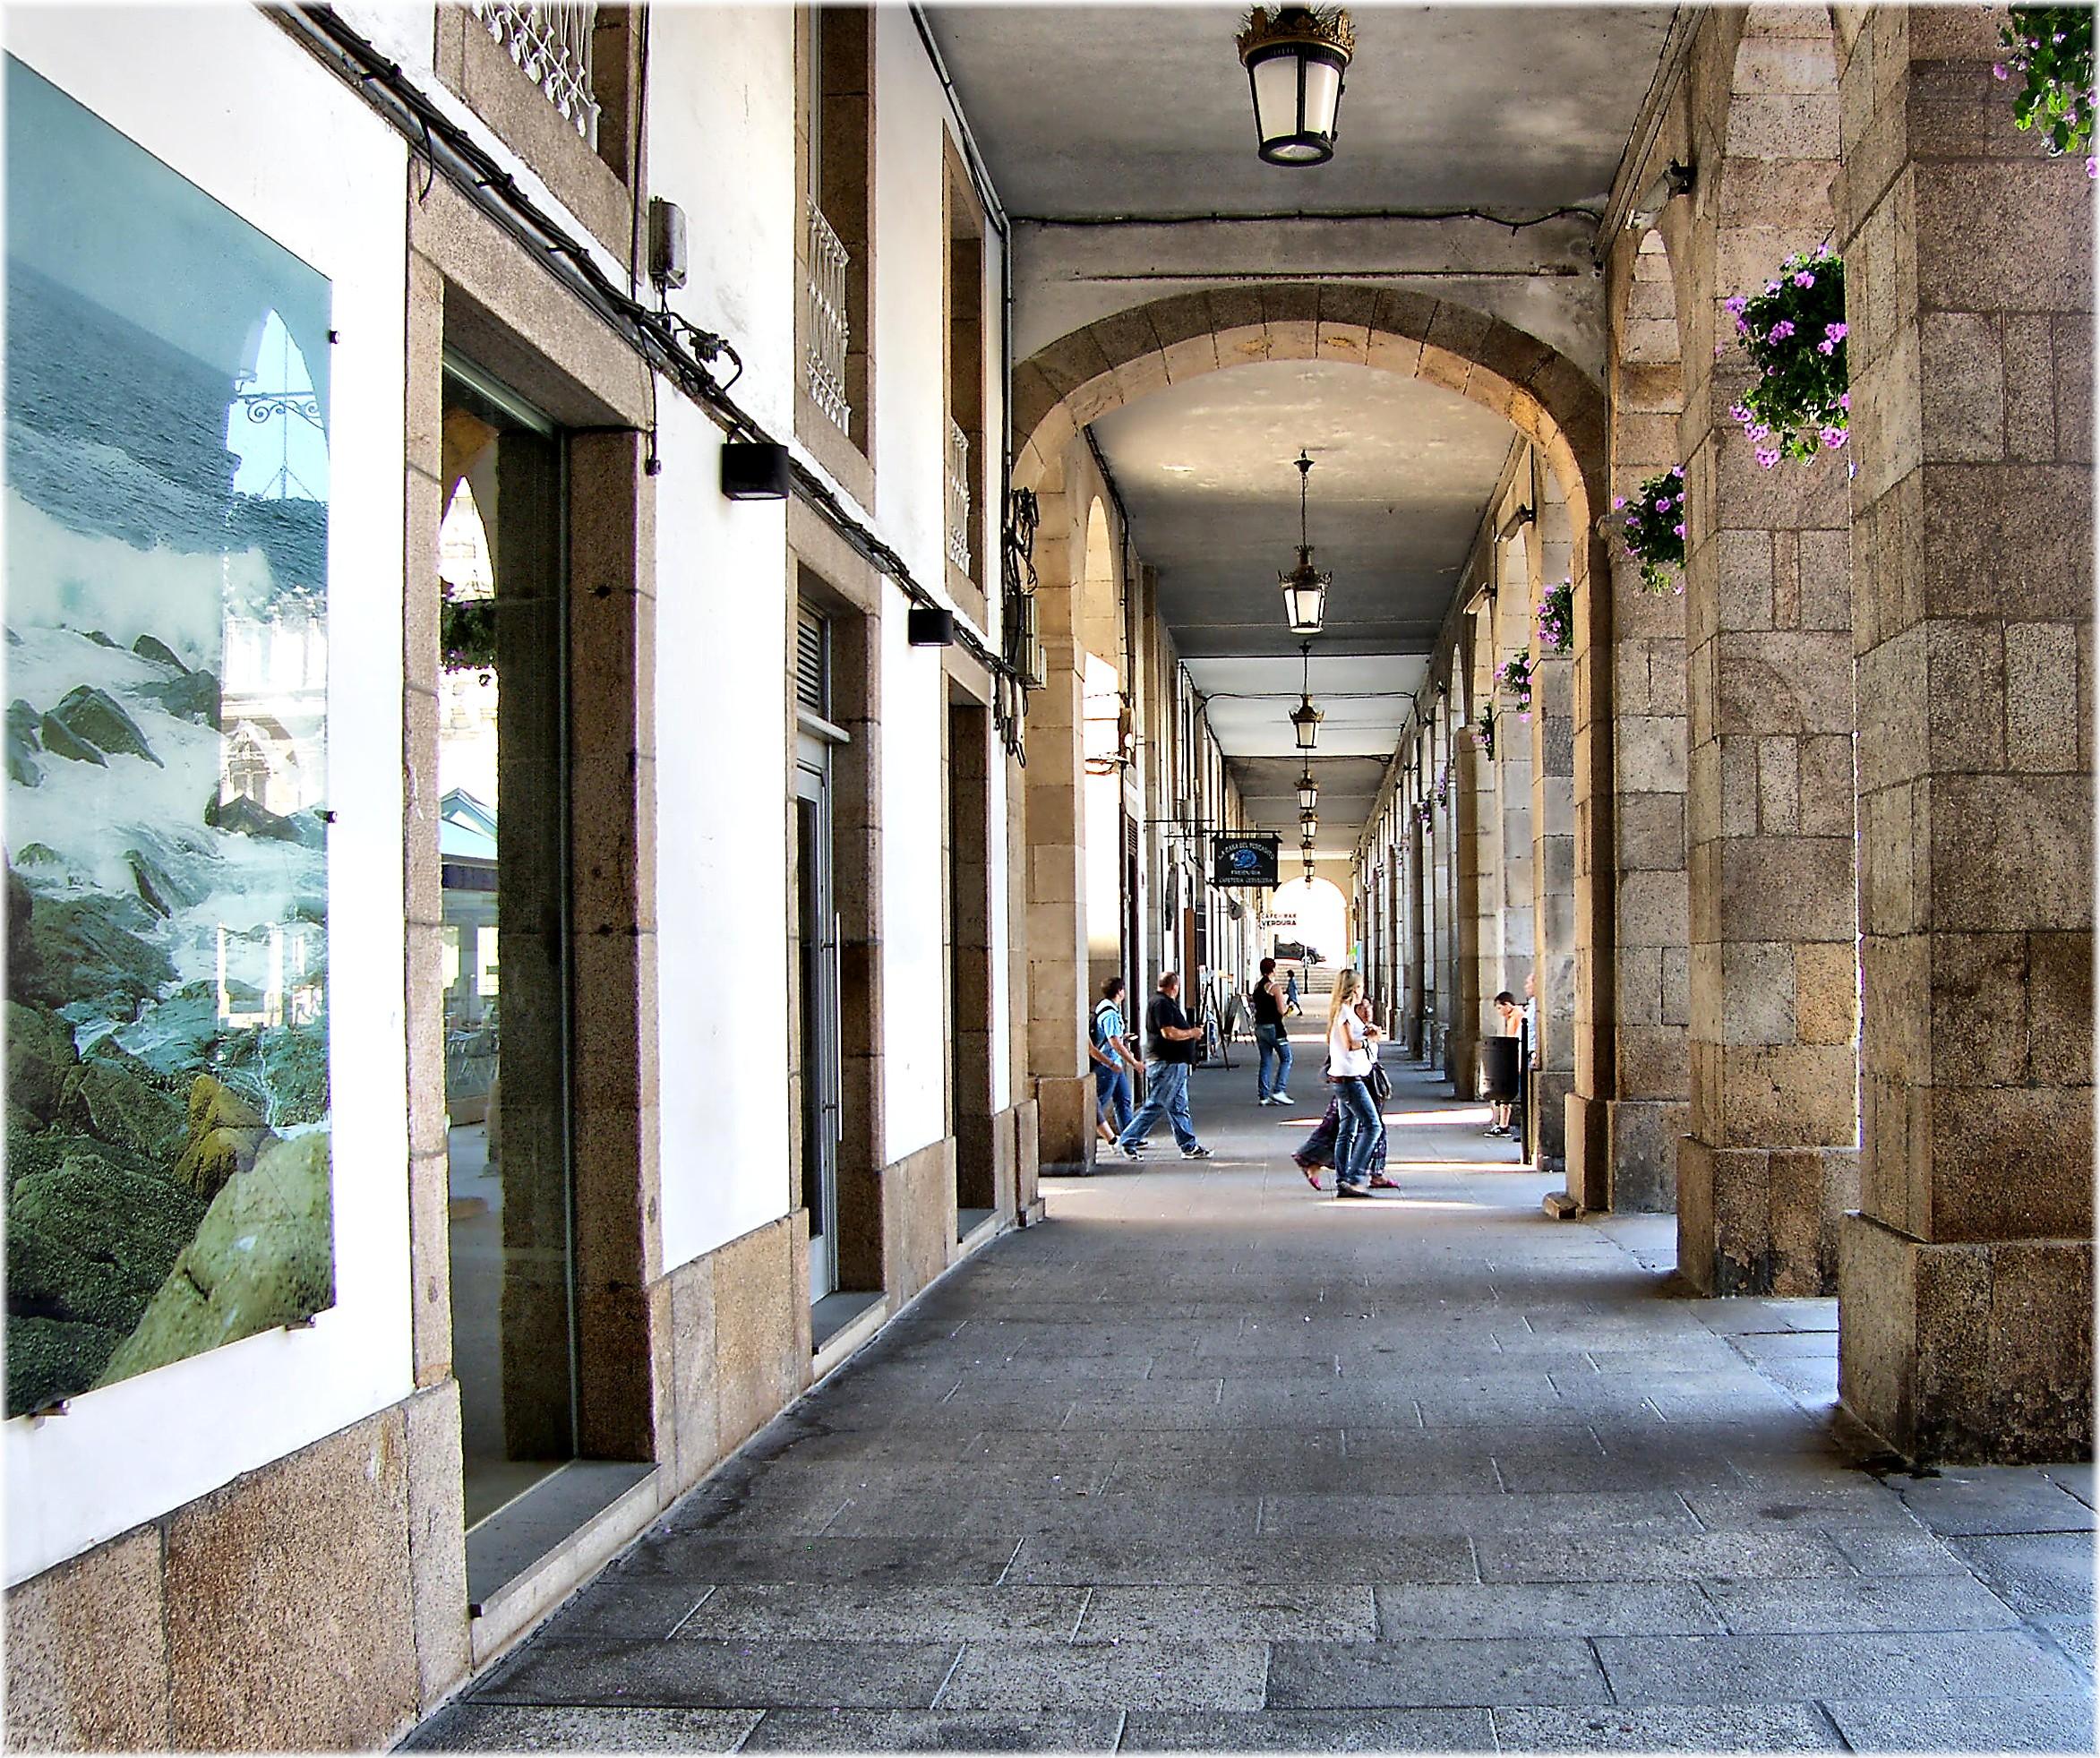 Fotos gratis arquitectura gente edificio ciudad - Arquitectura de interiores coruna ...